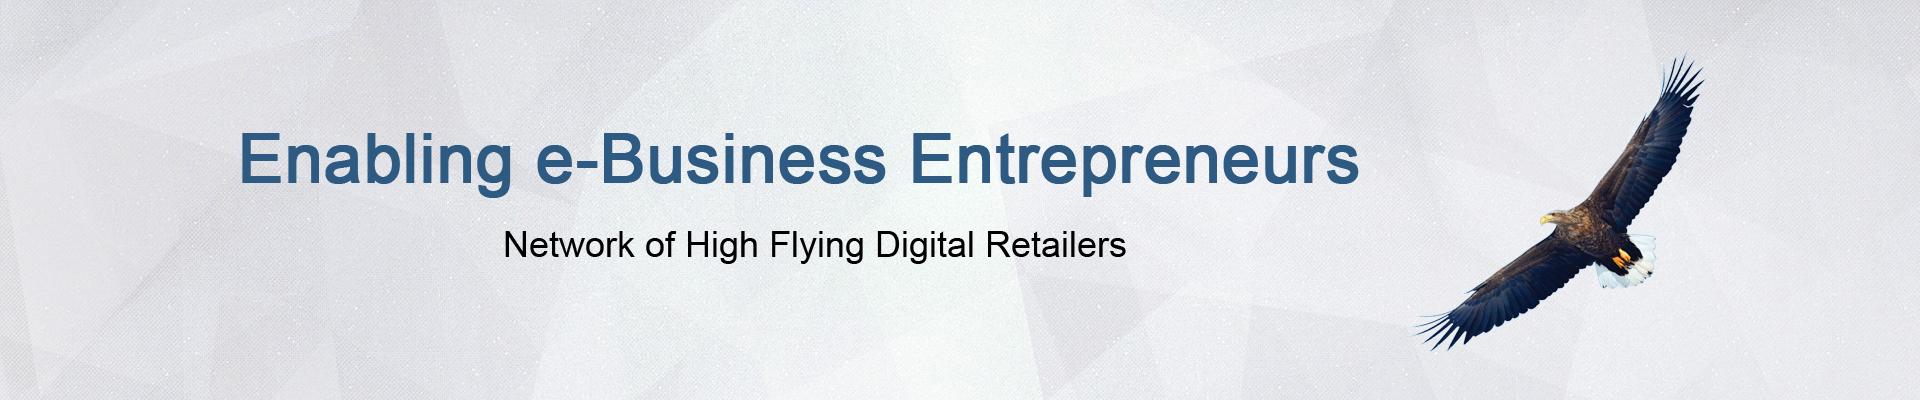 Enabling e-Business Entrepreneurs